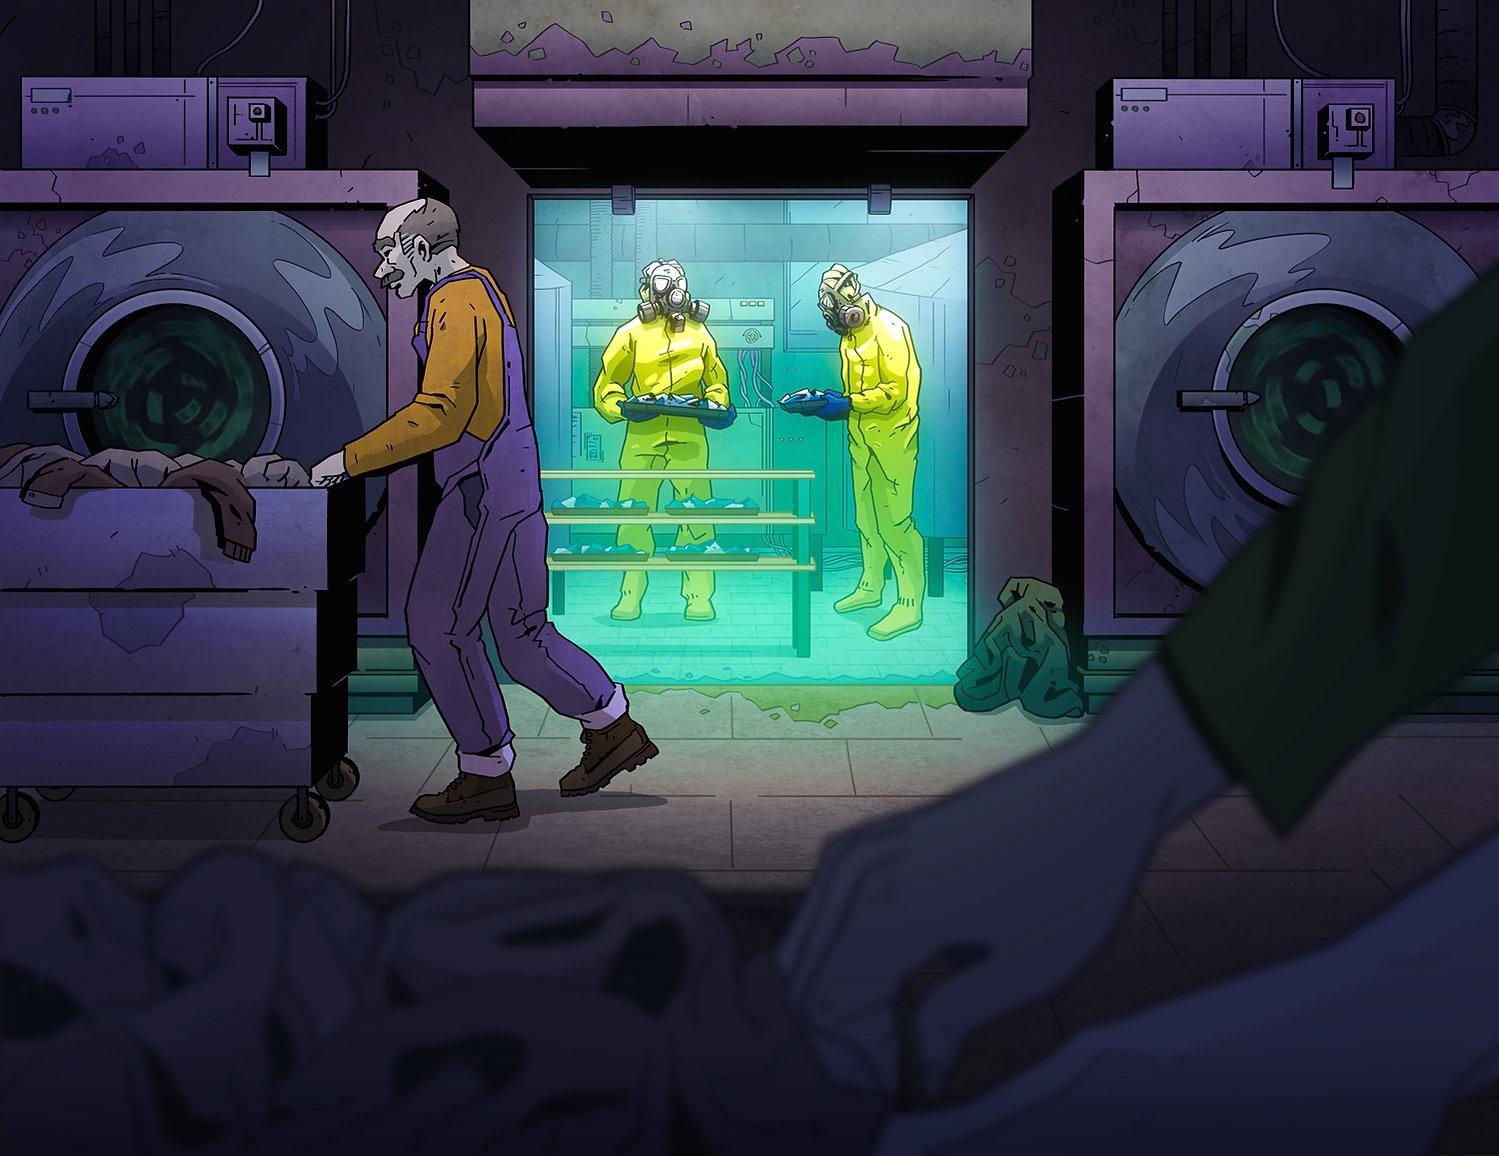 Heisenberg Project - Escape Room Budapest, Szőke-Kiss Márton, Illusztrátor, Grafikus